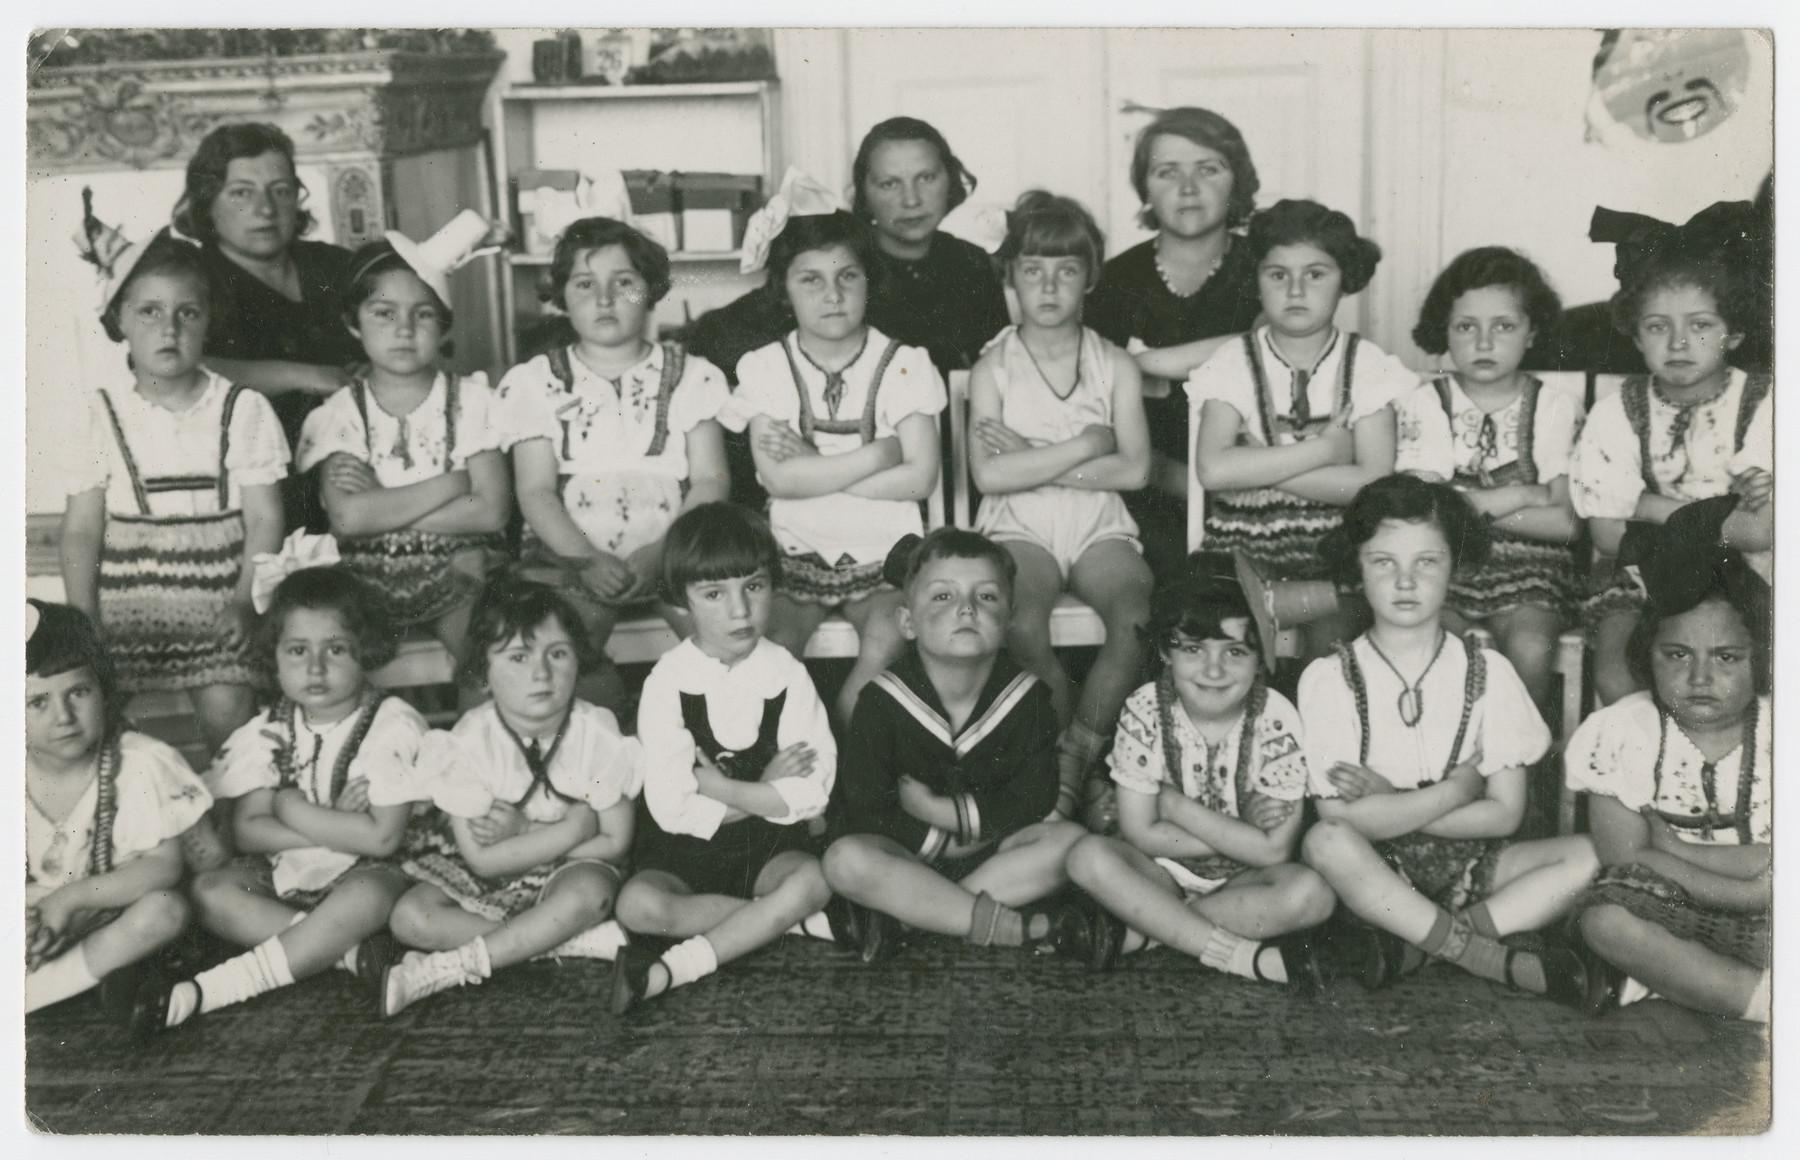 A class portrait taken inside [a schoolroom].